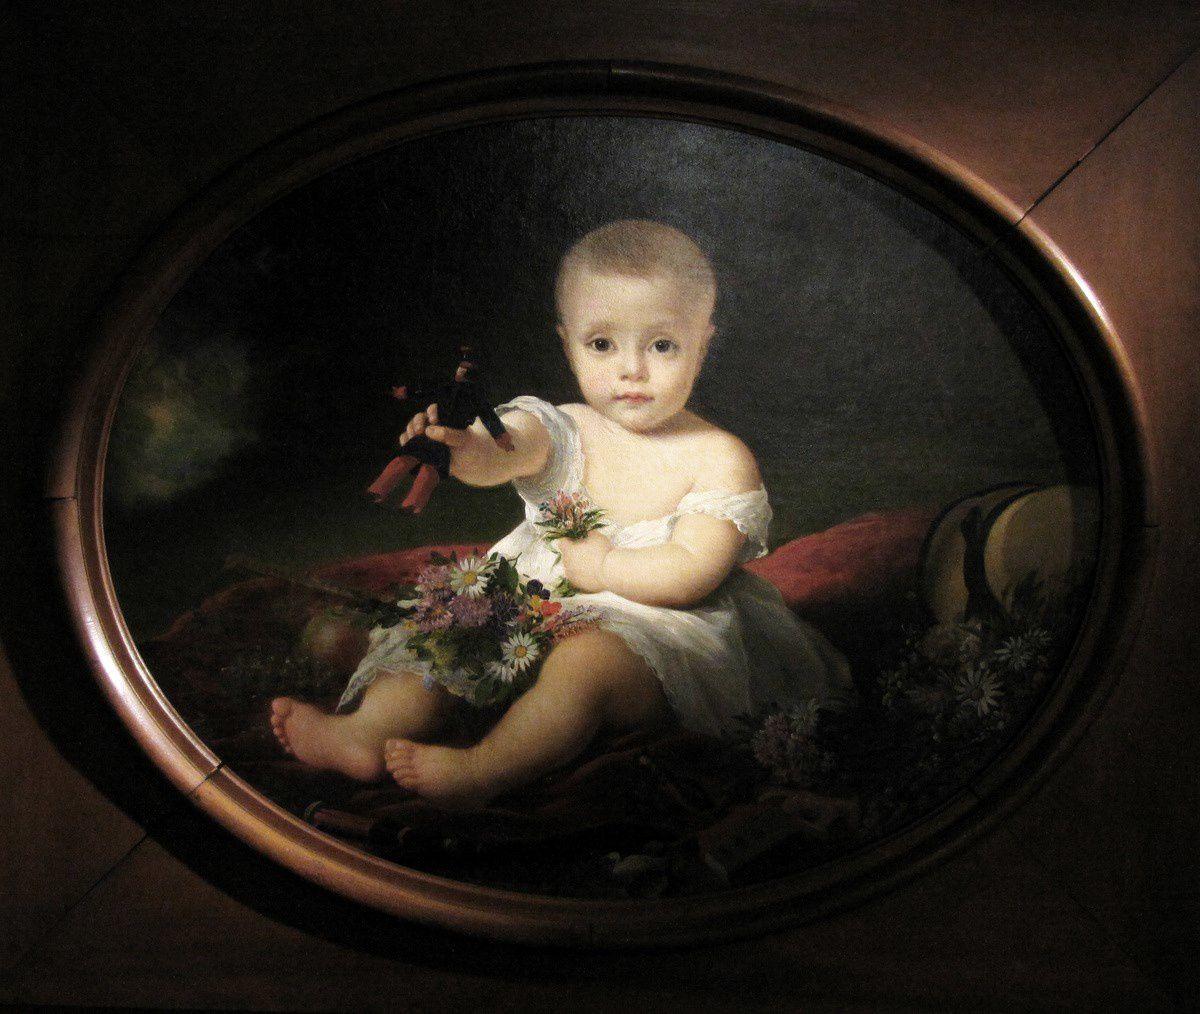 Alexis Pérignon, portrait du fils de Rose chéri (musée du jouet de Poissy)